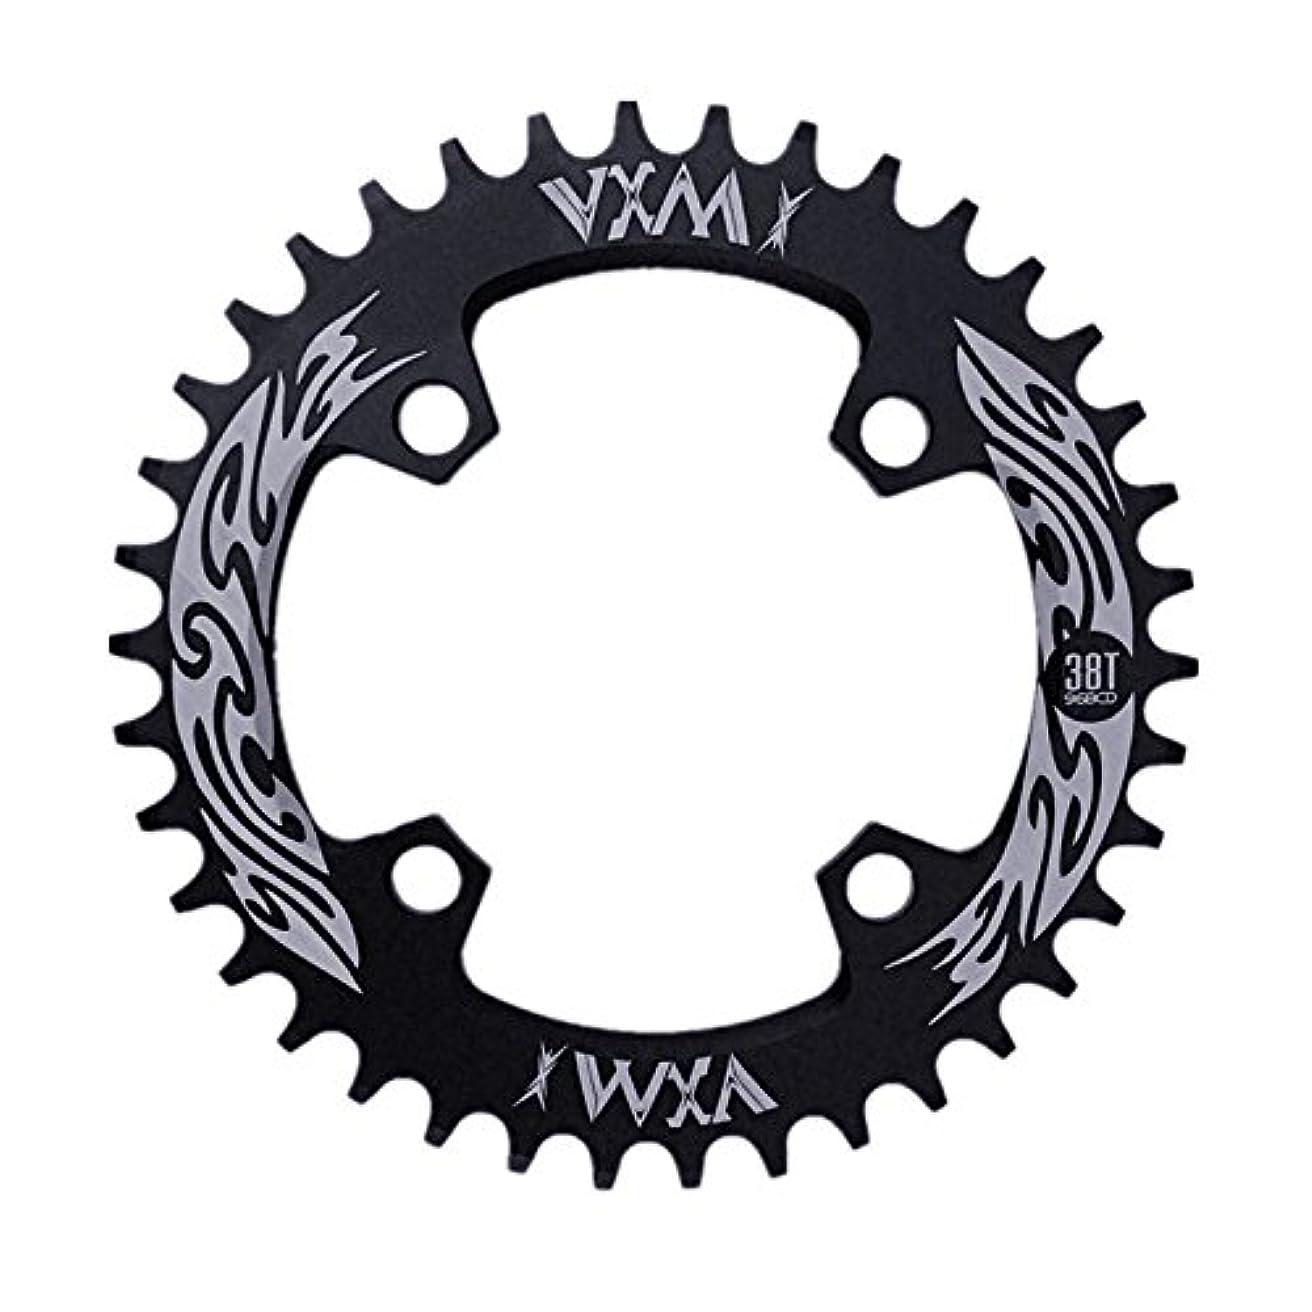 提供波紋進むPropenary - Bicycle Crank & Chainwheel 96BCD 38T Ultralight Alloy Bike Bicycle Narrow Wide Chainring Round Chainwheel Cycle Crankset [ Black ]